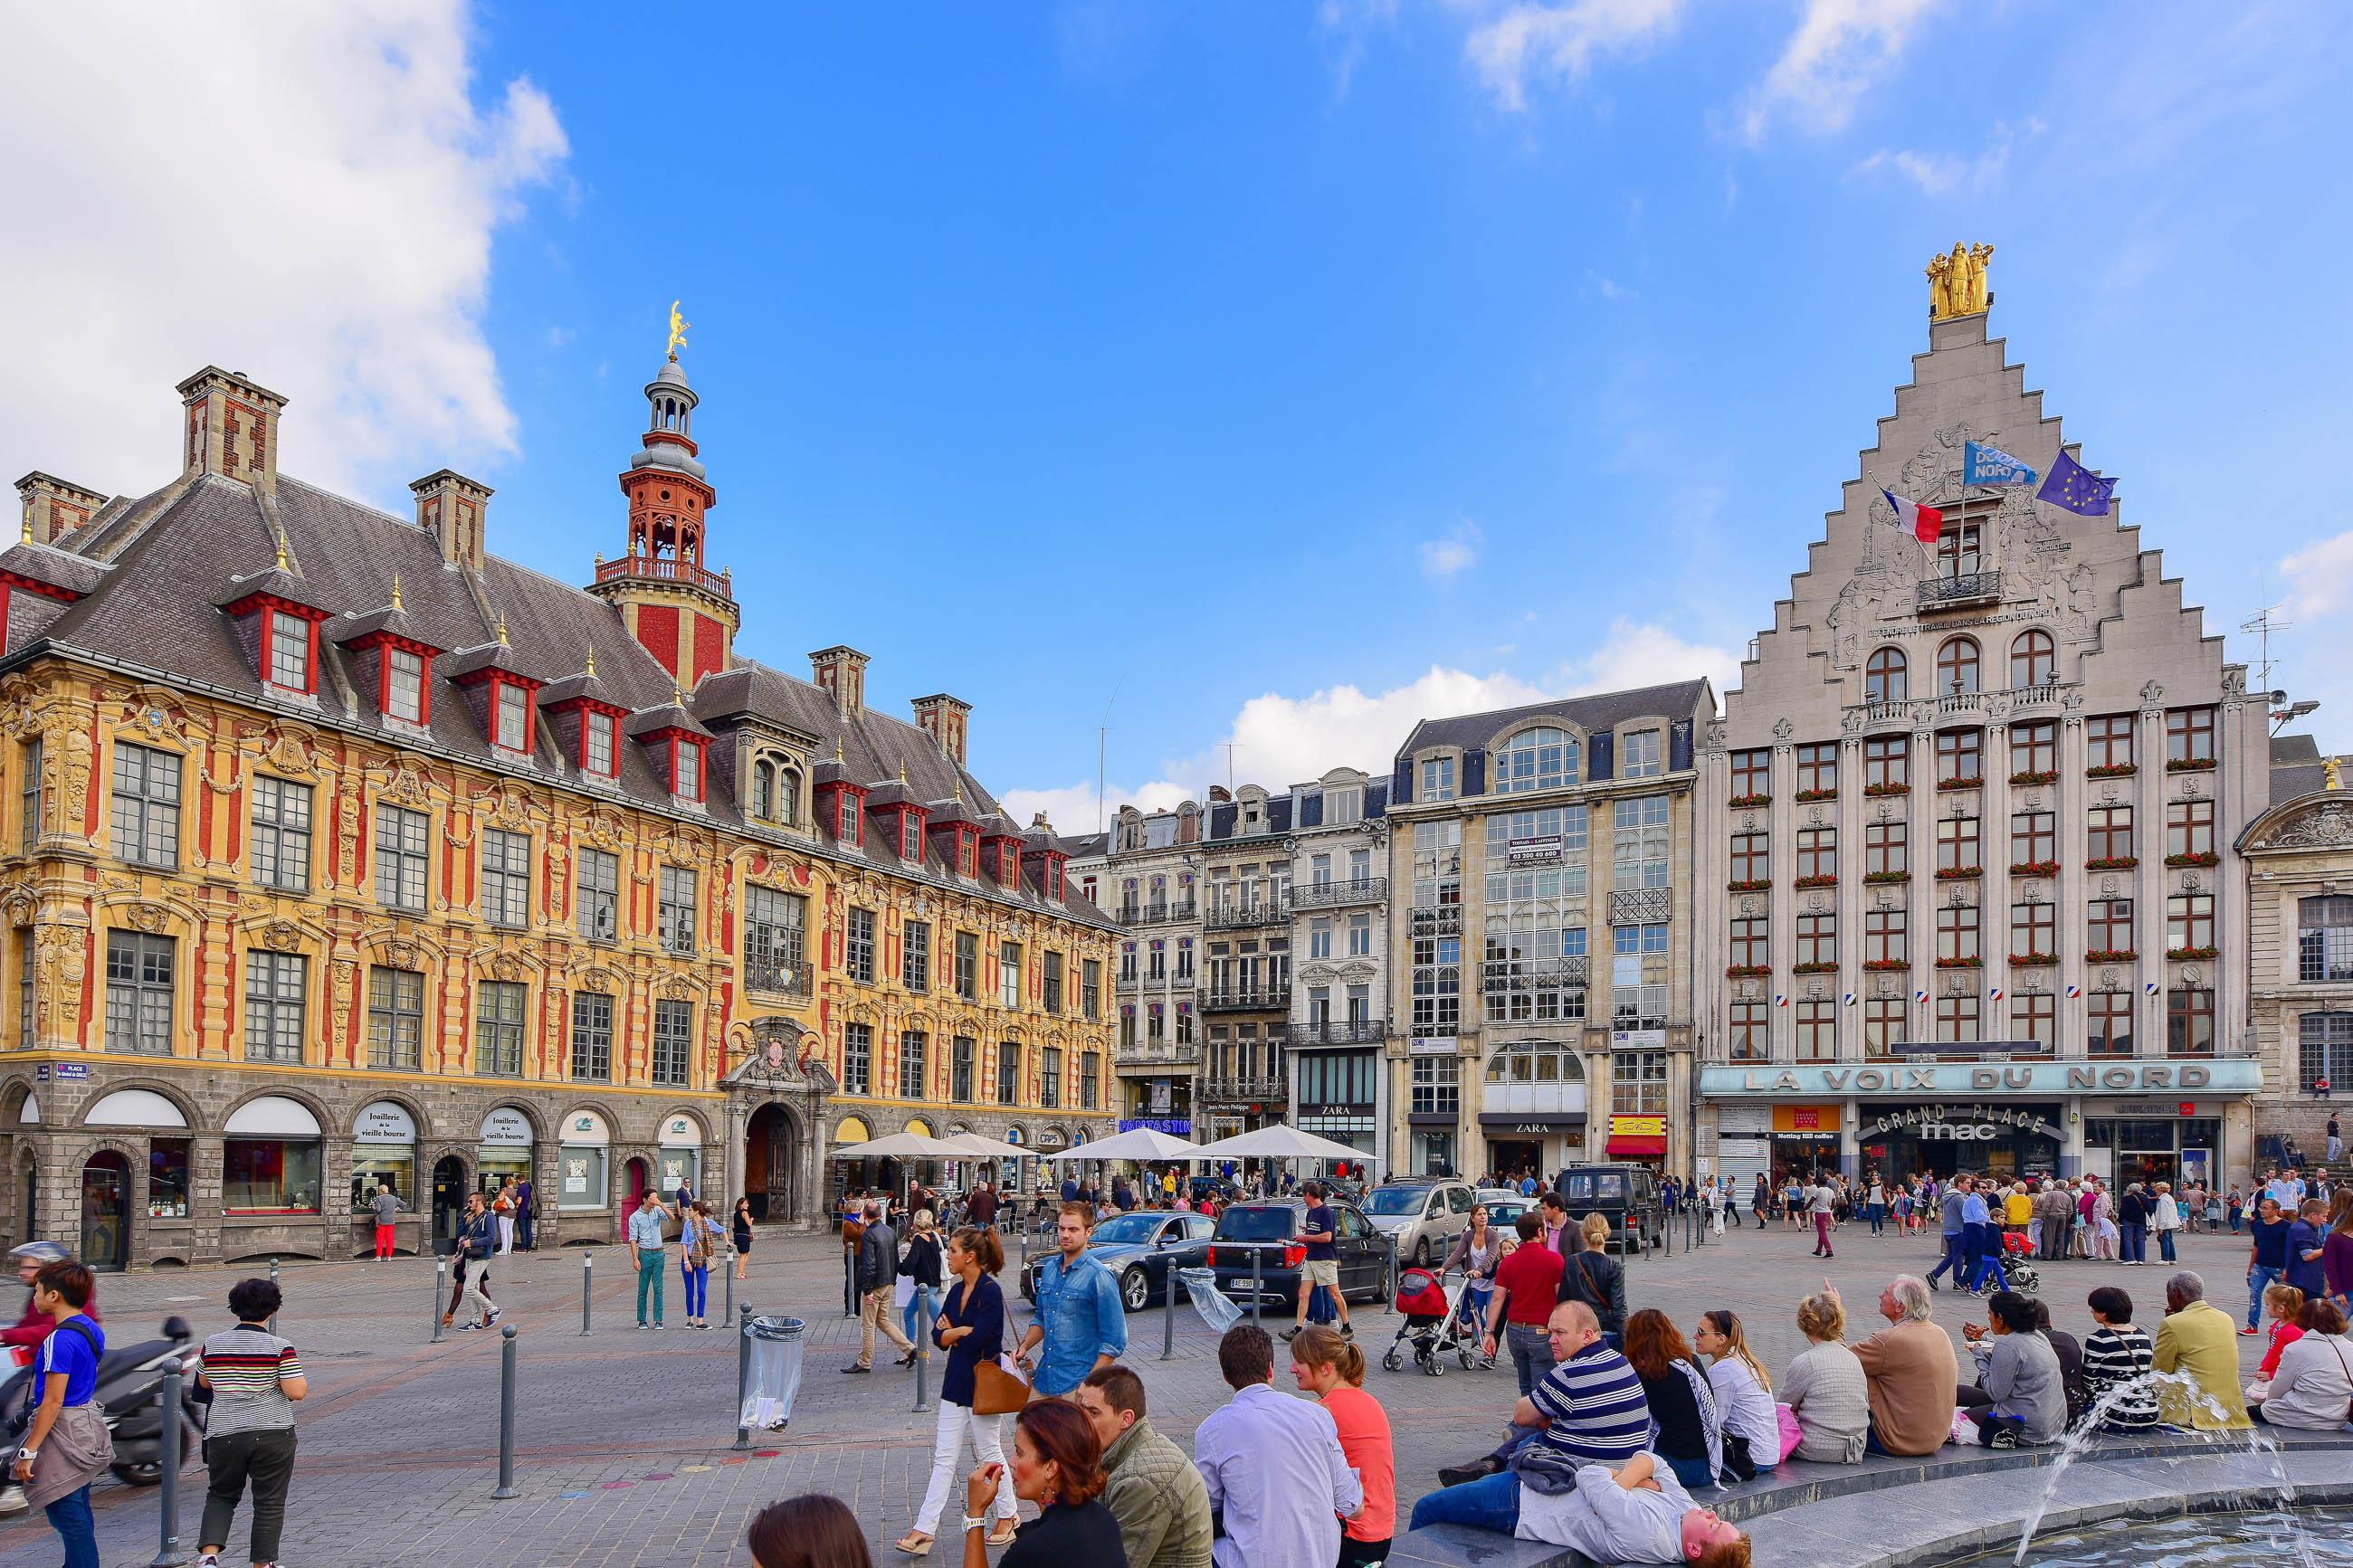 Bilder place du g n ral de gaulle grand place in lille frankreich franks travelbox - Salon de la gastronomie lille ...